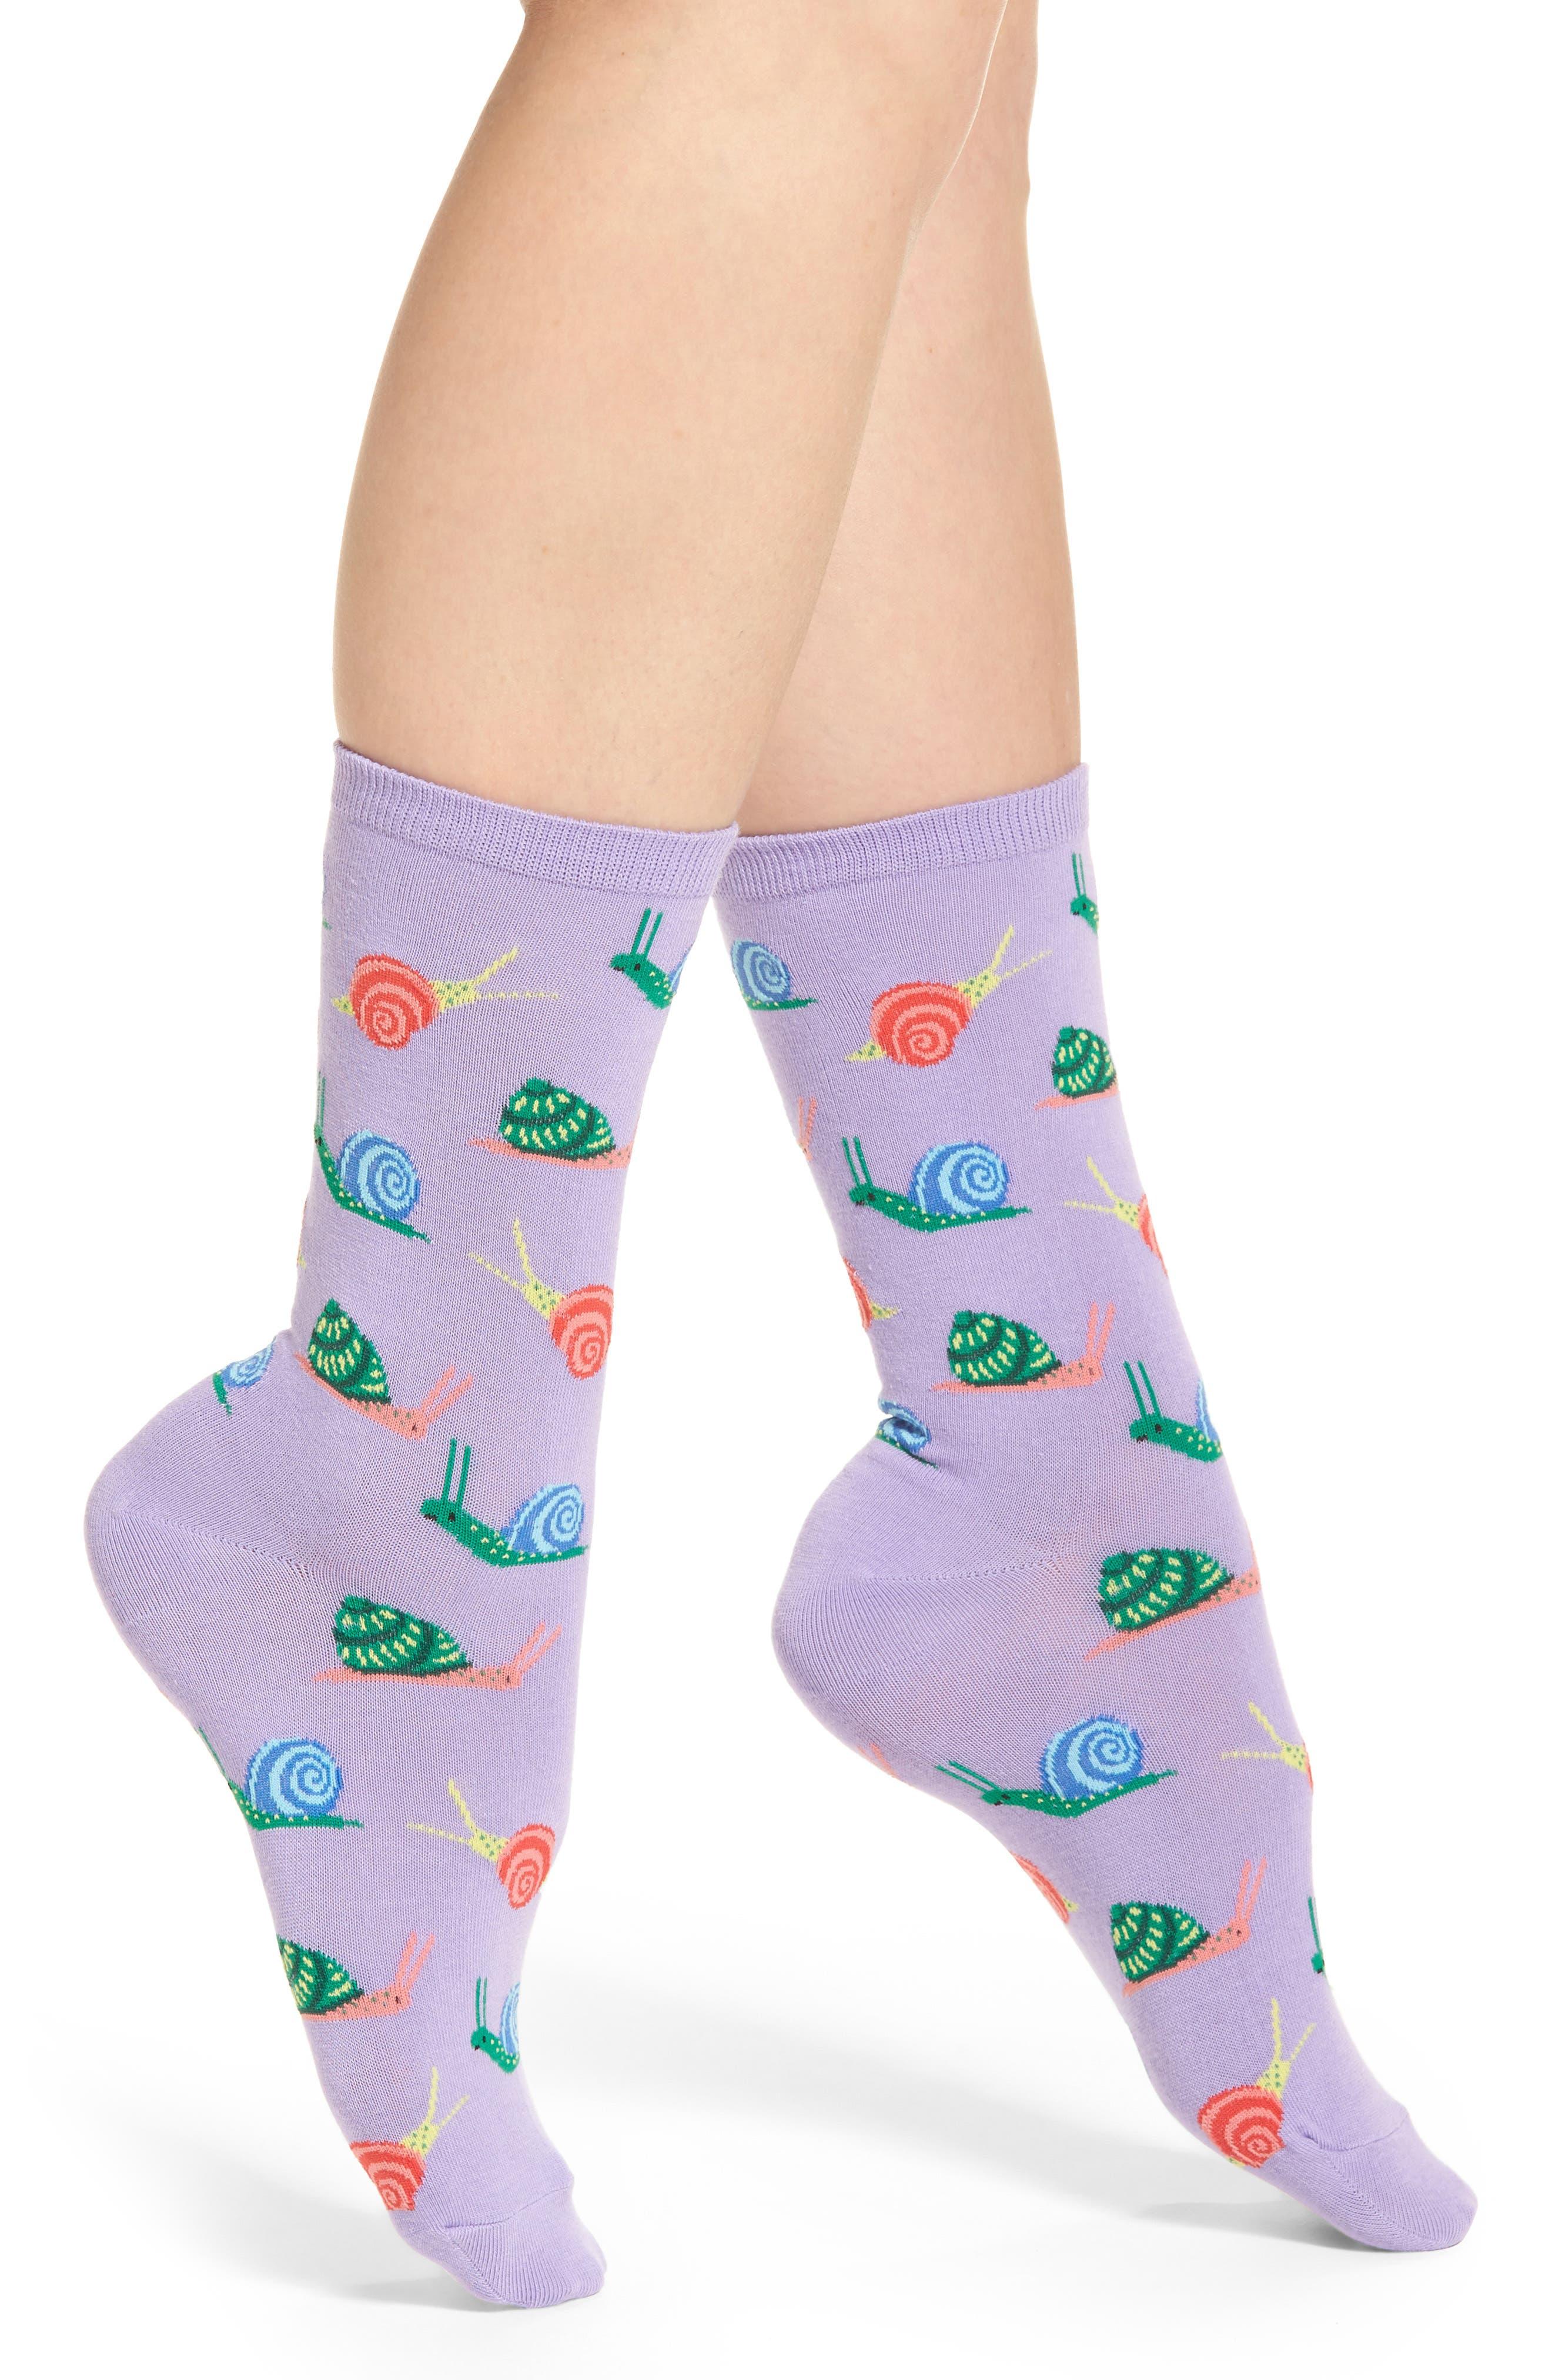 Snail Crew Socks,                             Main thumbnail 1, color,                             Lavender